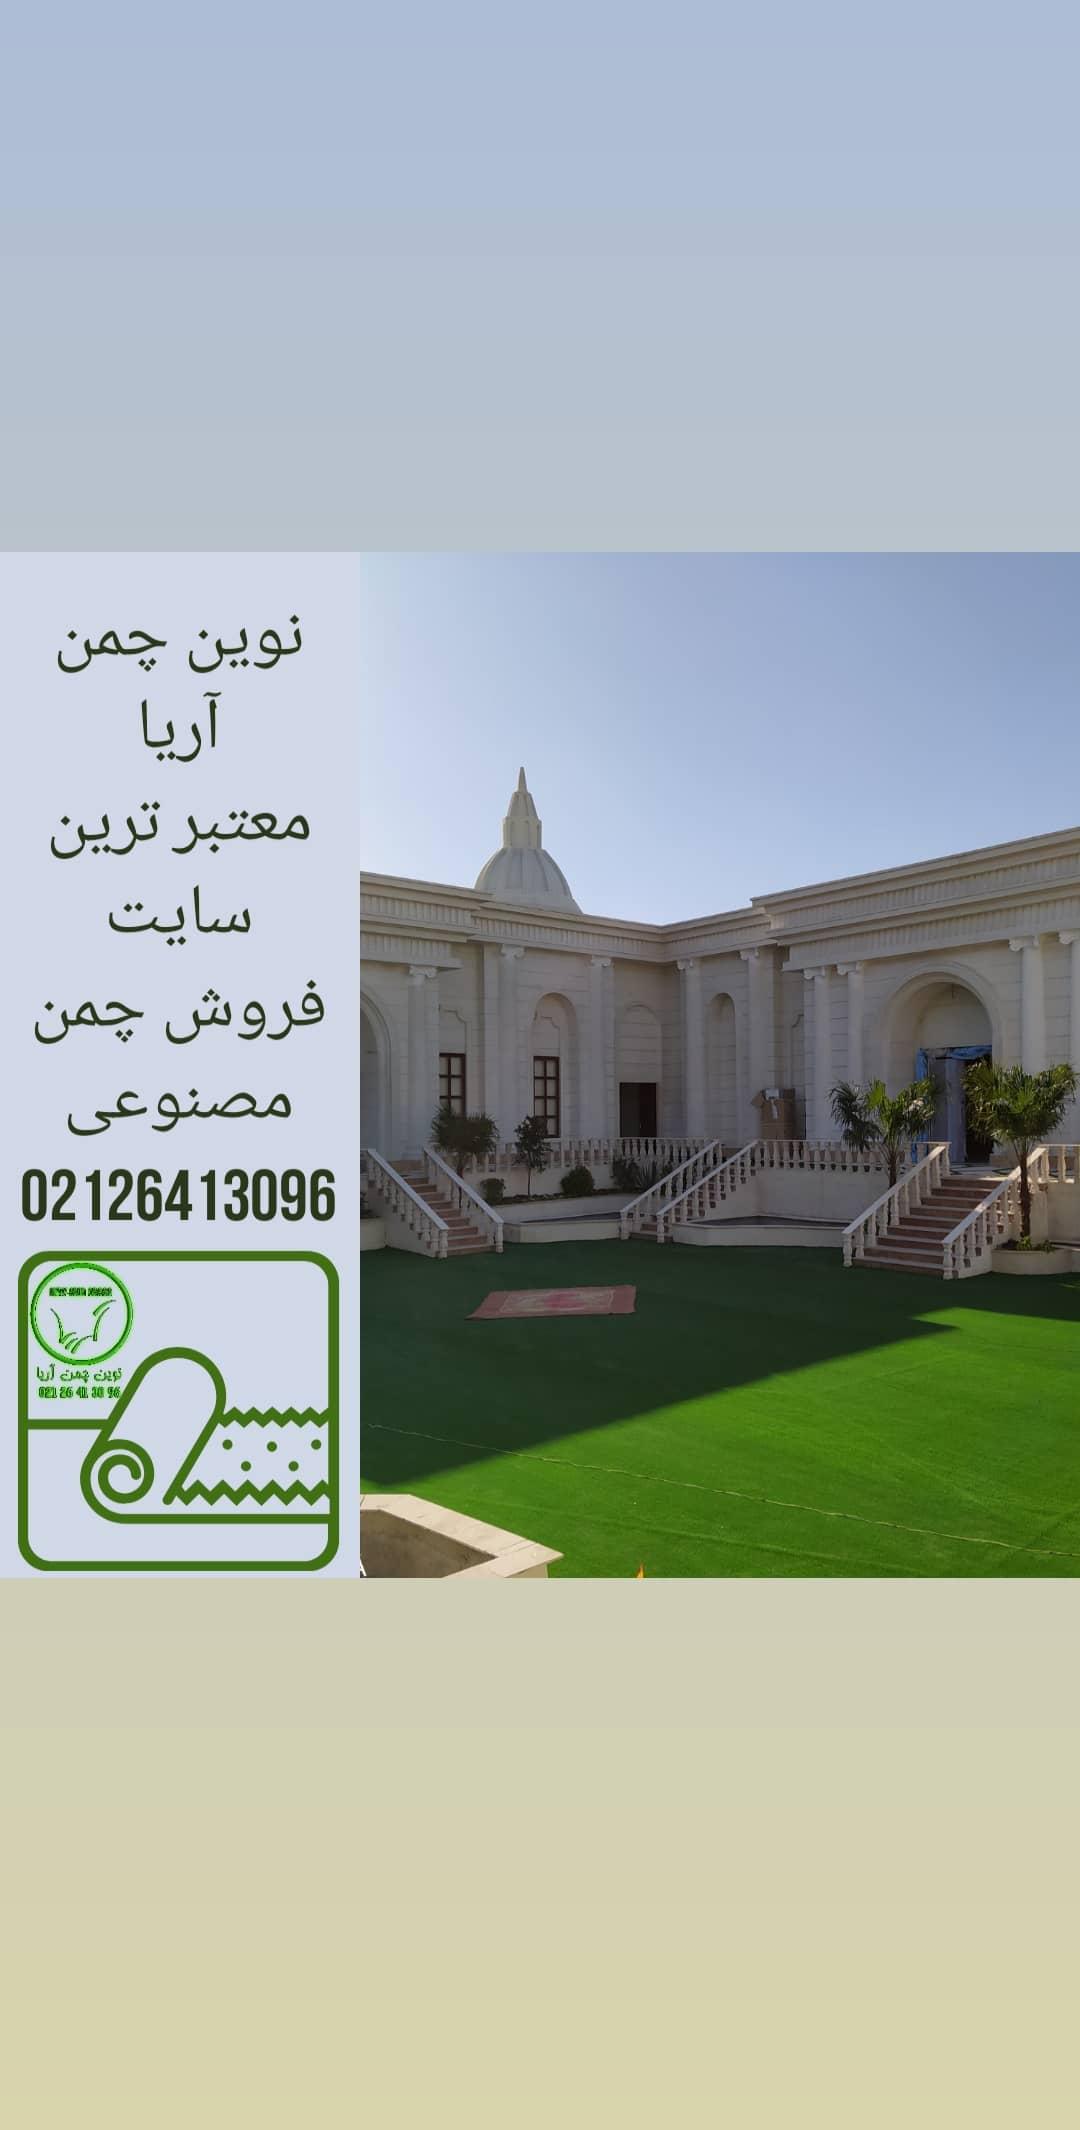 فروش چمن مصنوعی کرمانشاه